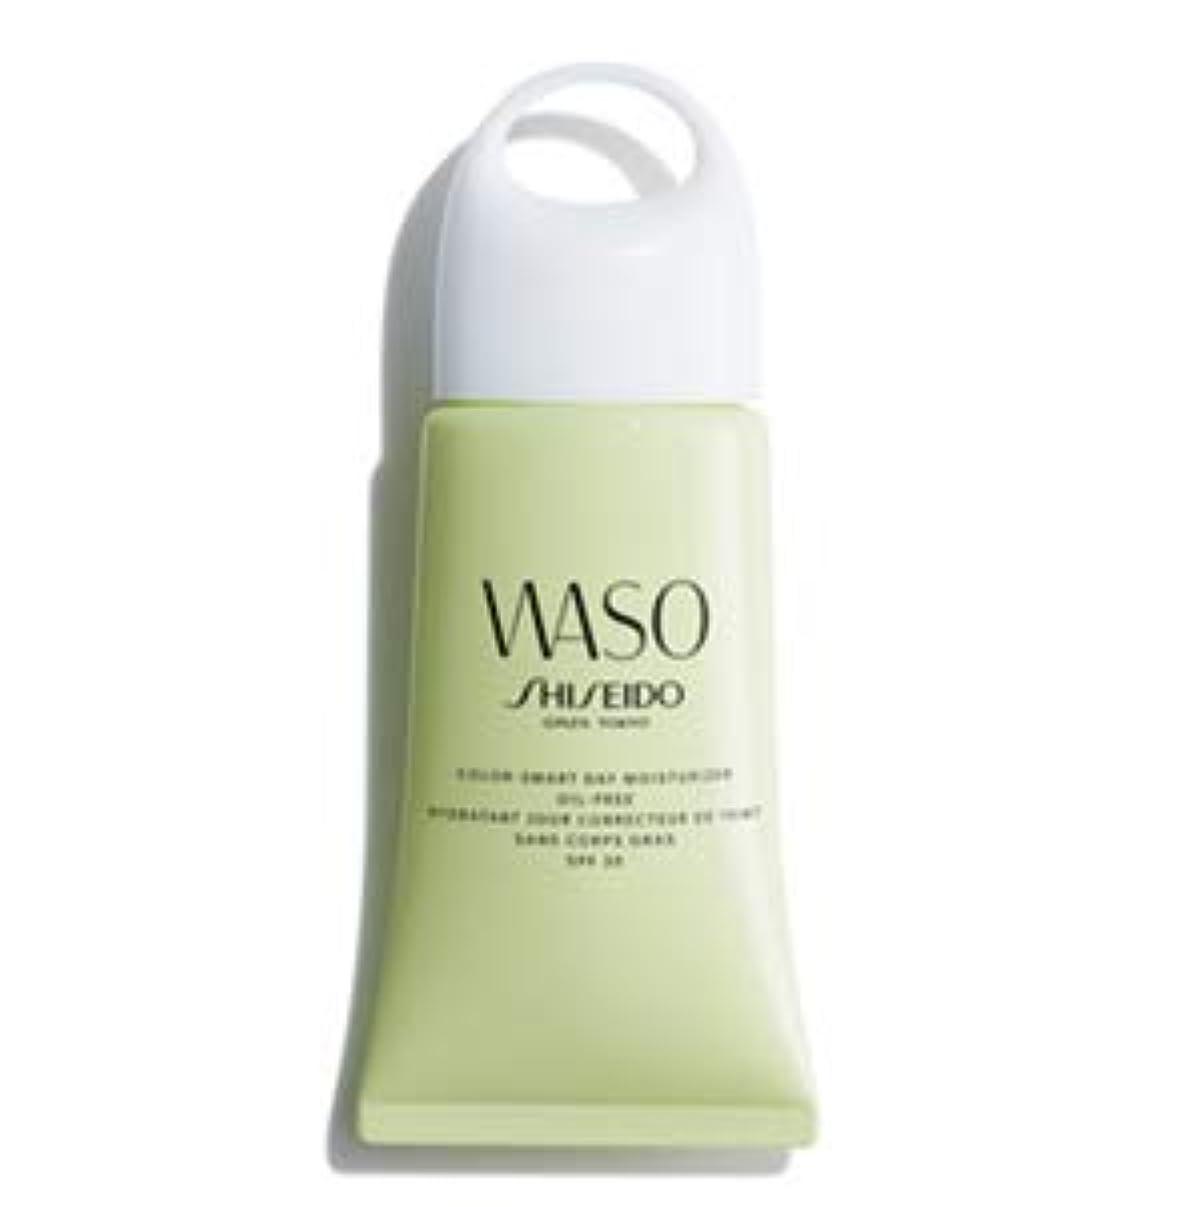 メカニックまた明日ね増幅WASO(ワソウ) カラー スマート デー モイスチャライザー オイルフリー PA+++ / SPF30 (日中用乳液)_55g